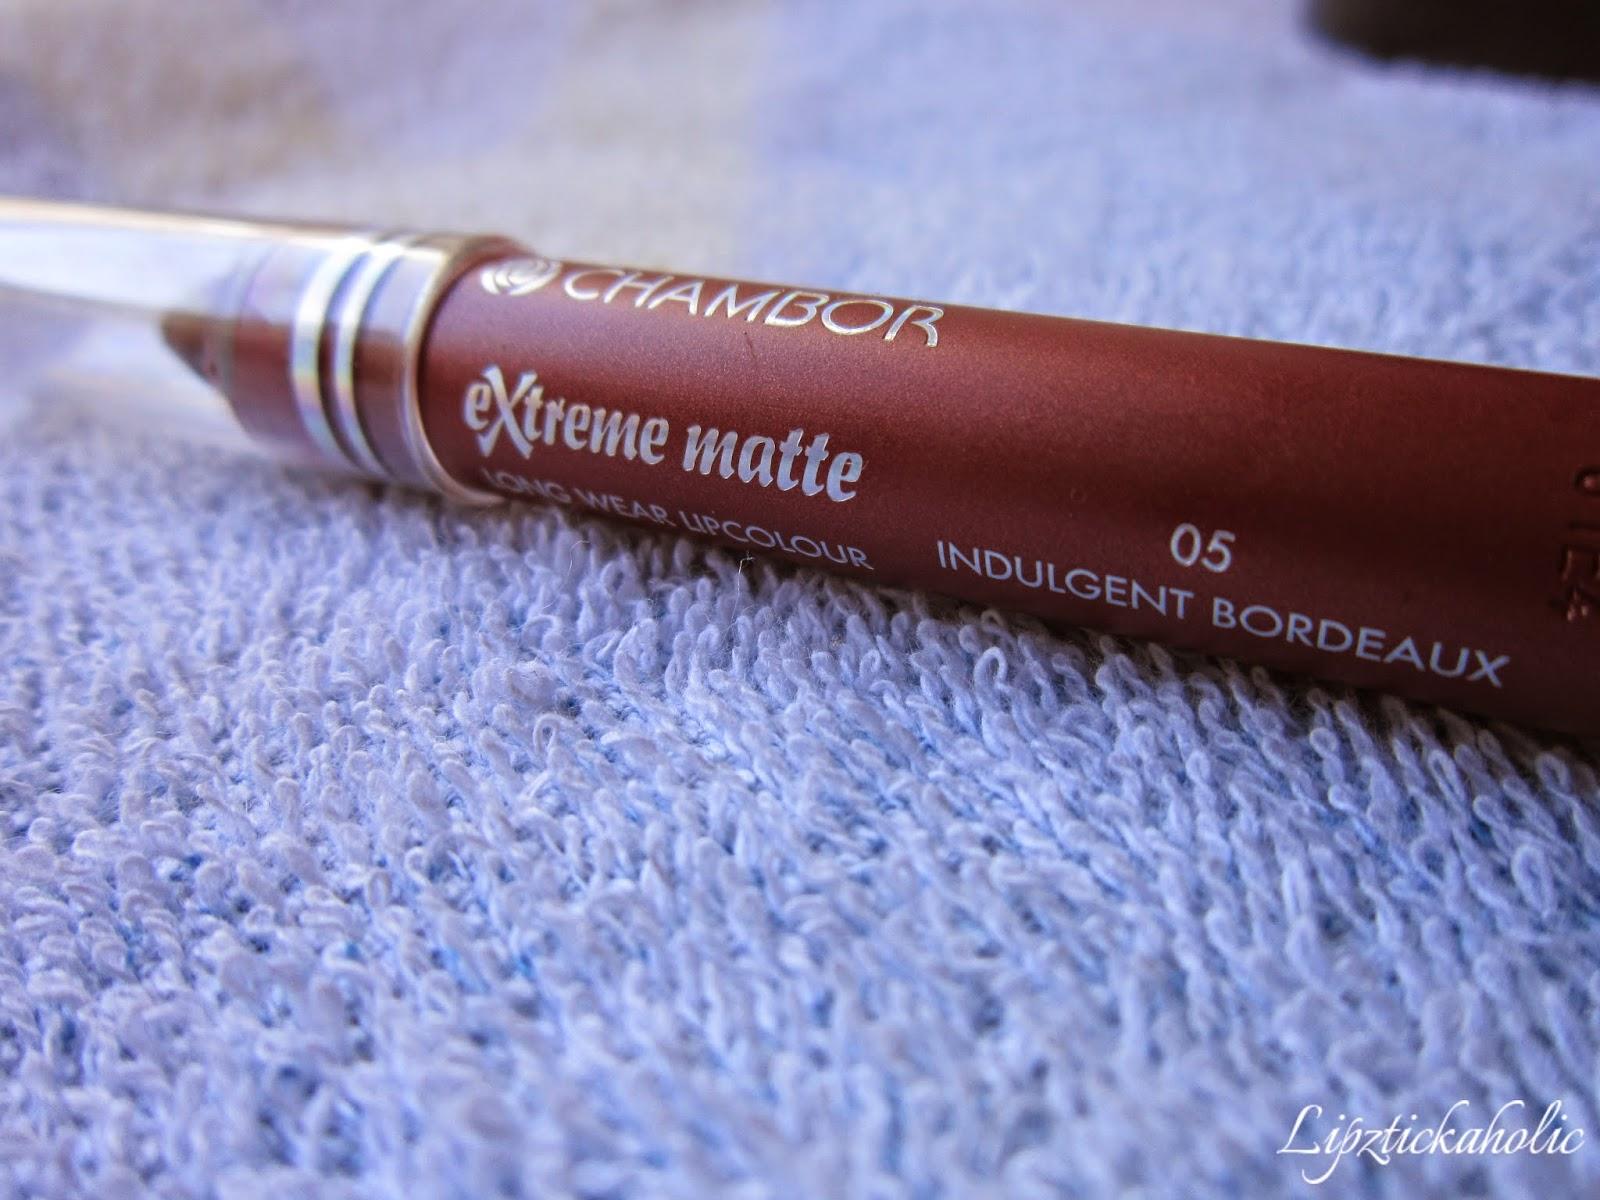 Chambor Extreme Matte Lip Colour - Indulgent Bordeaux image